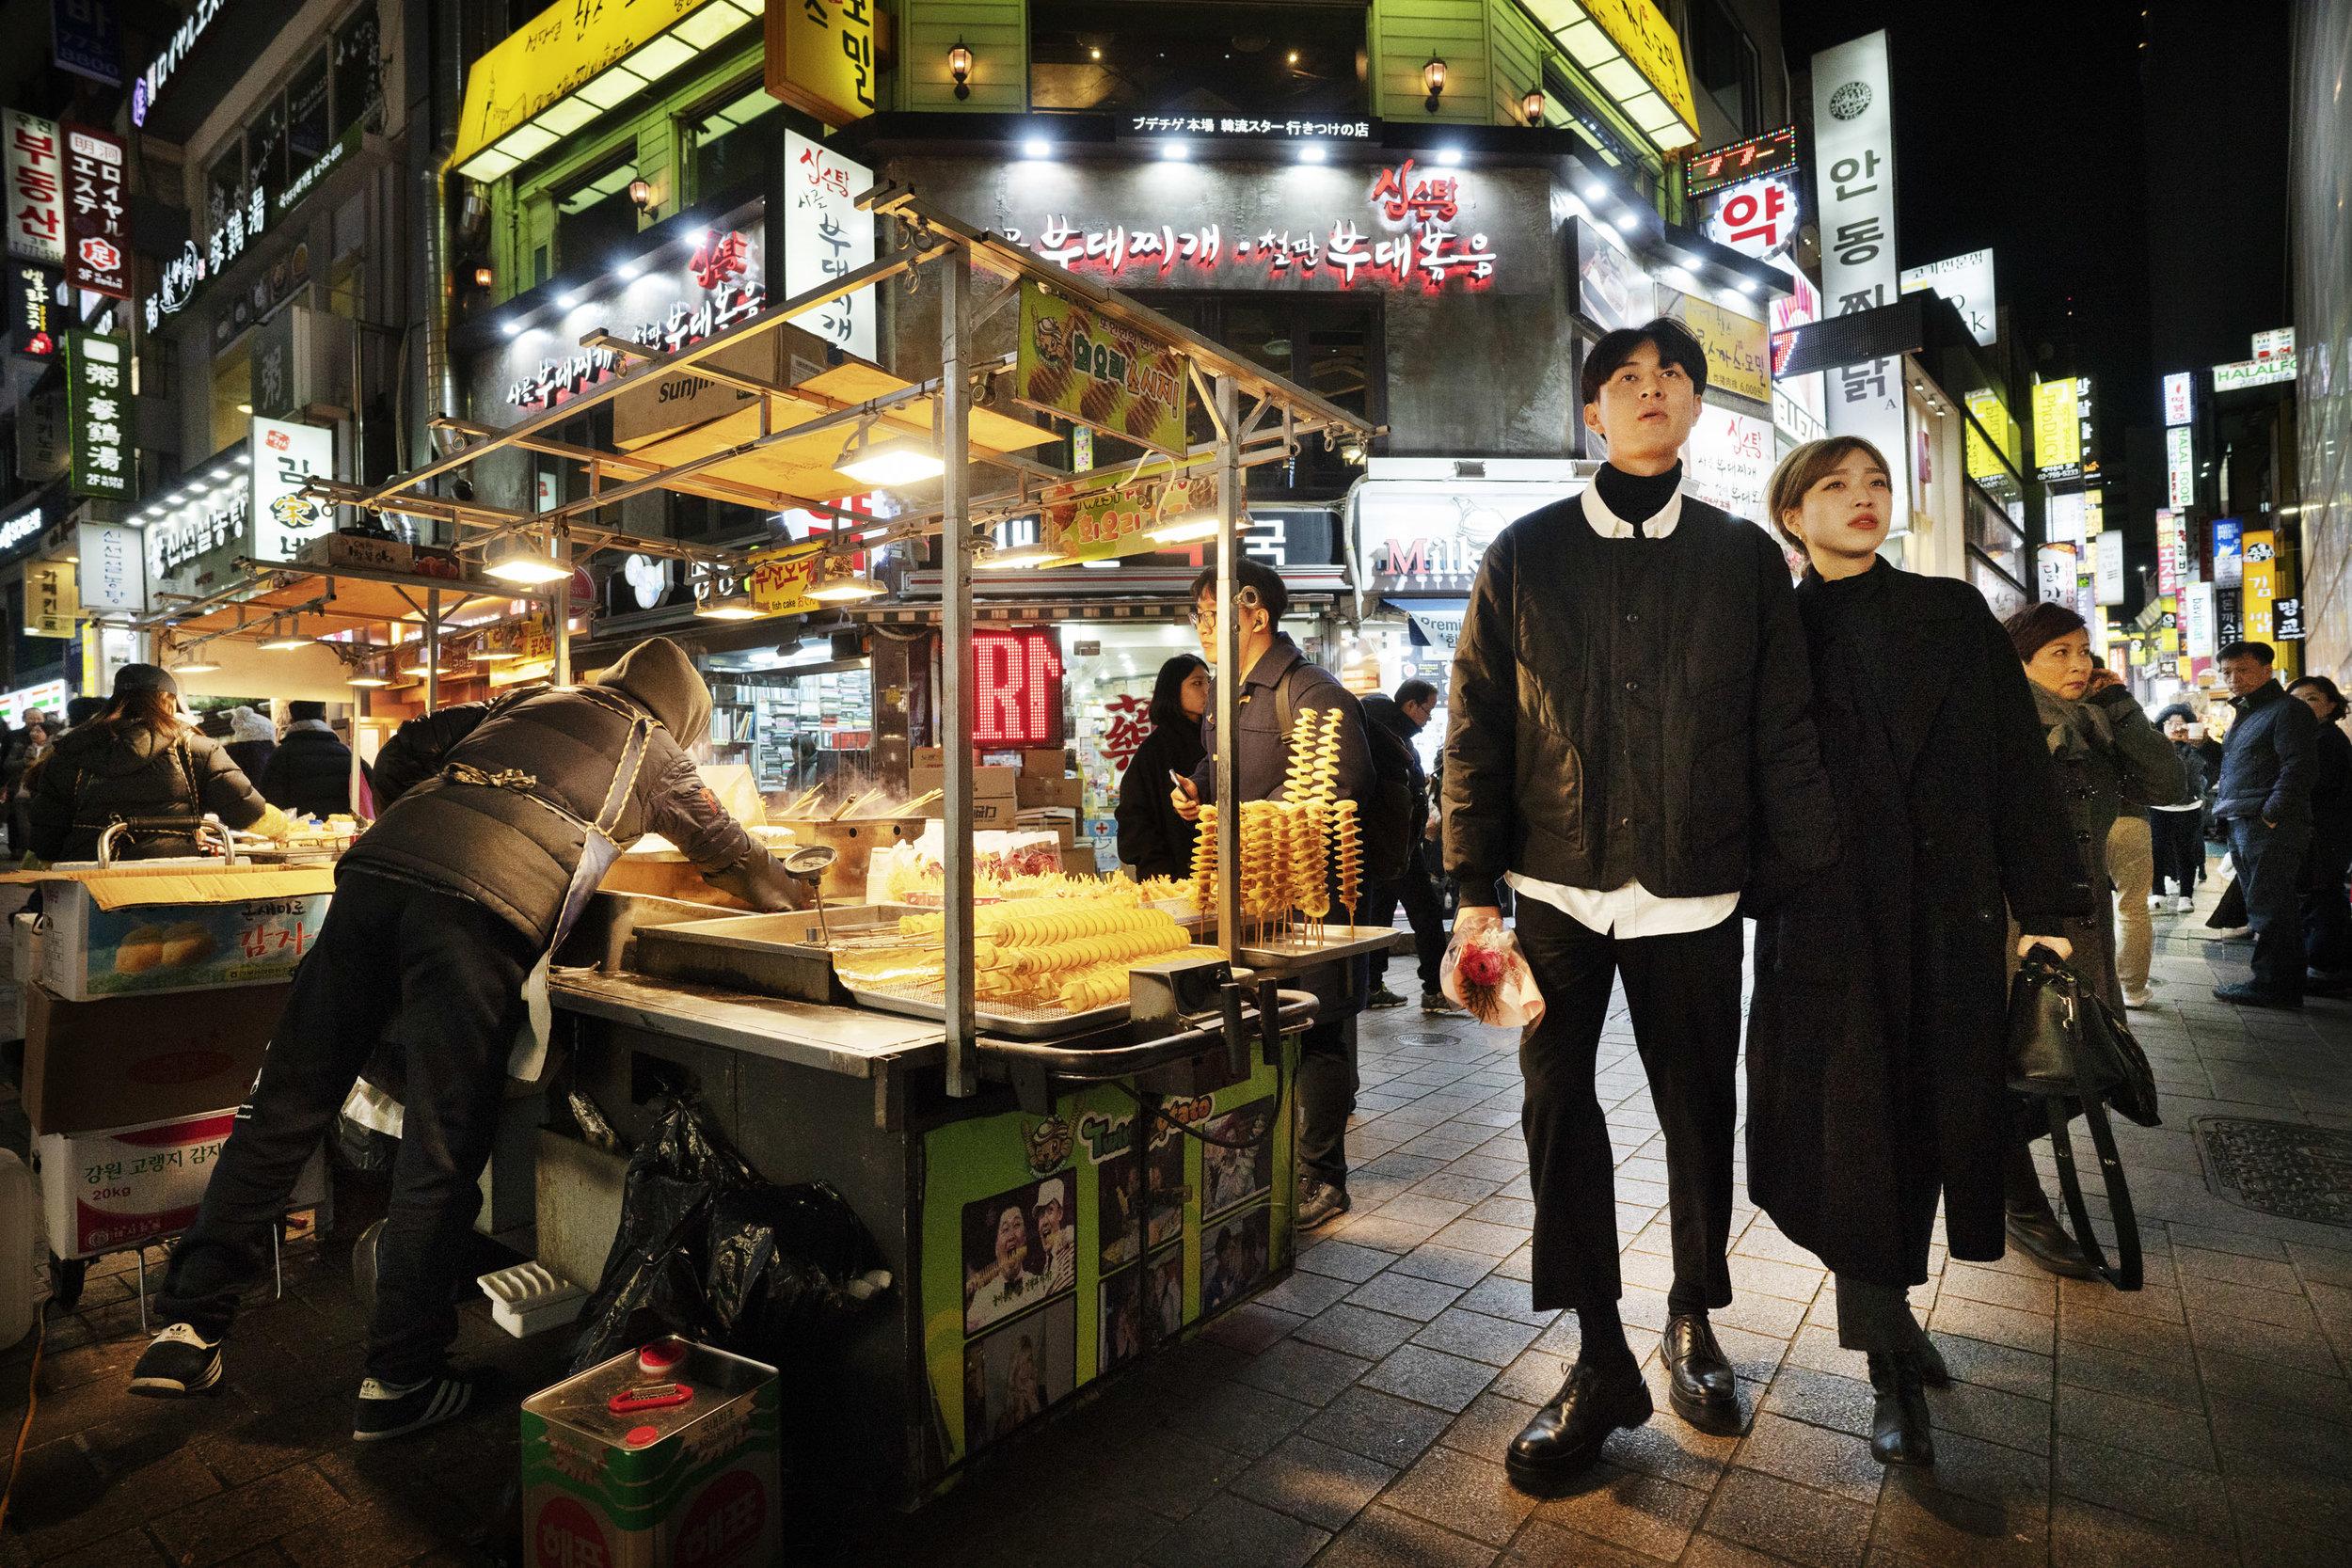 Seoul Street Food -